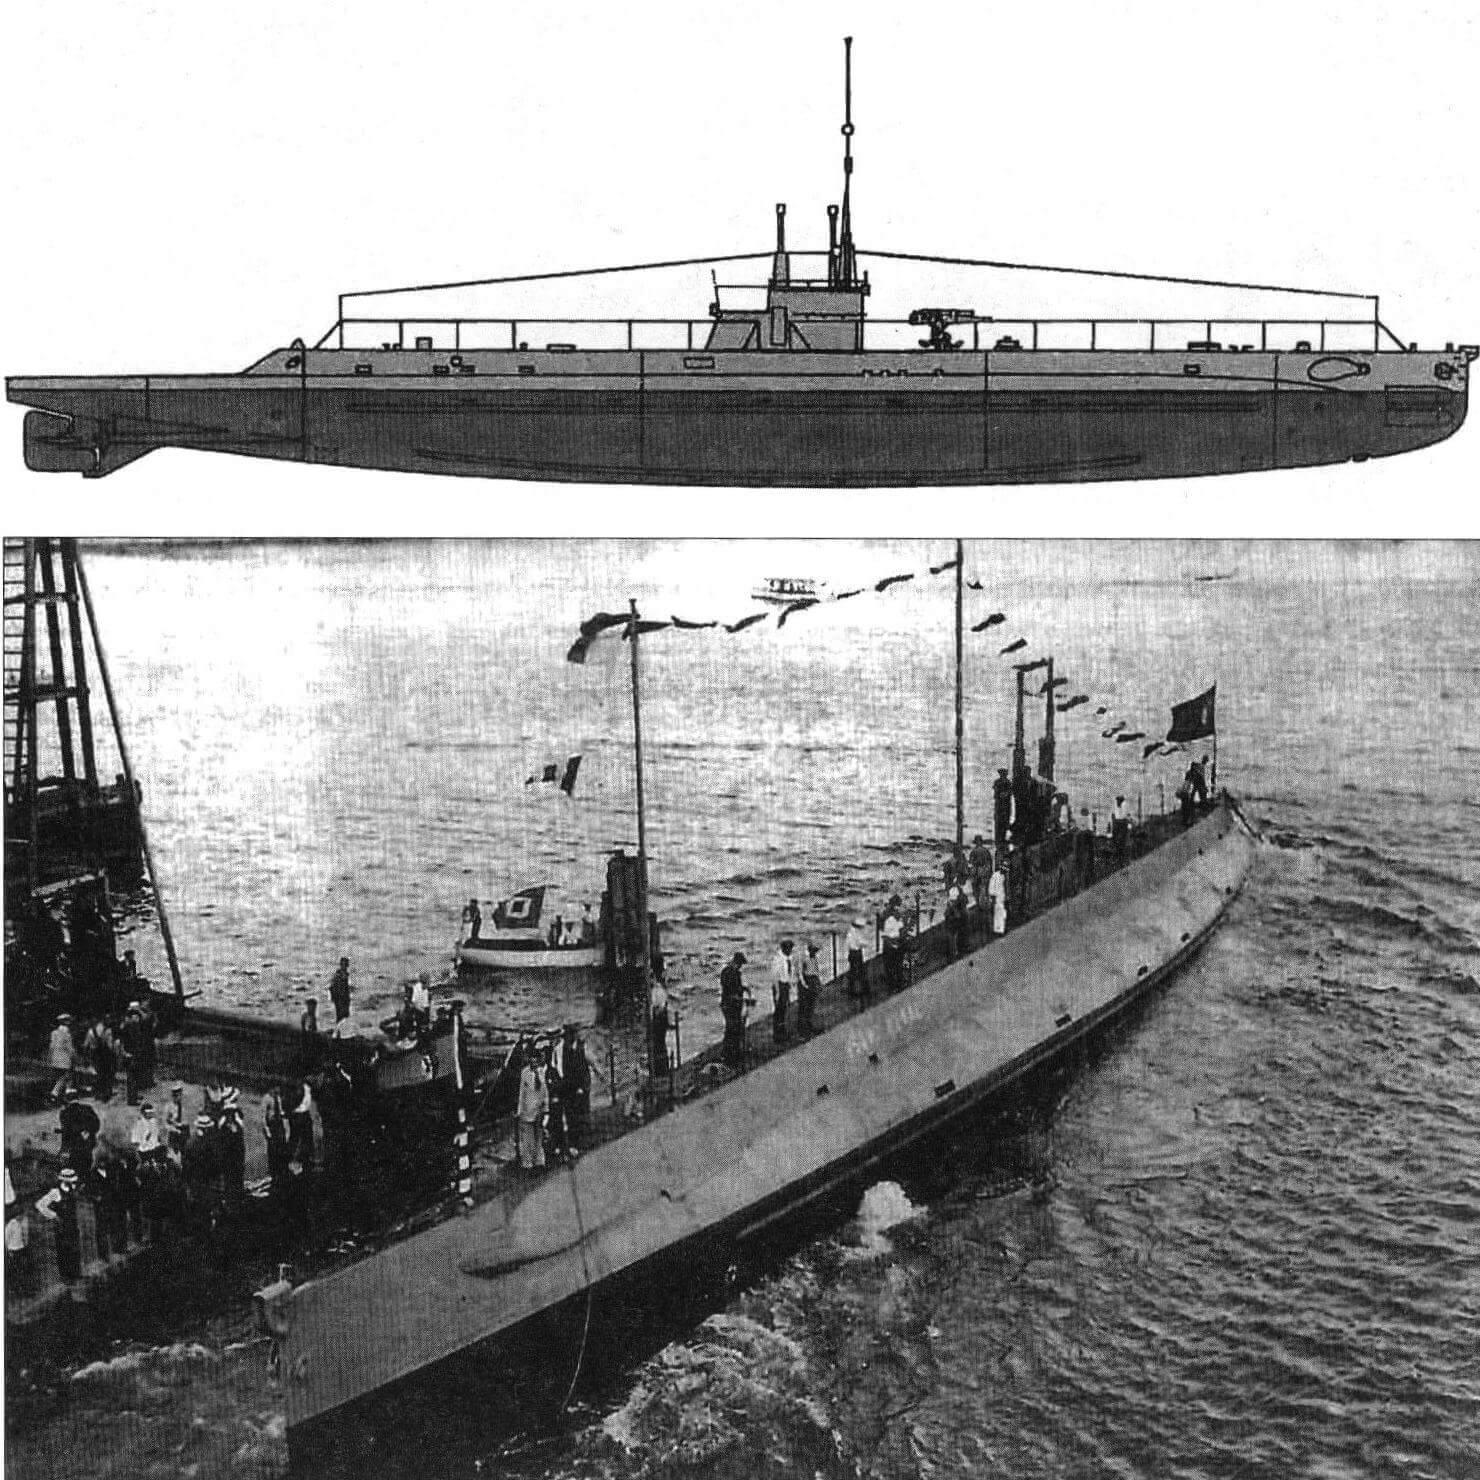 Подводная лодка «Исаак Пераль» (Испания, 1917 г.) Строилась на верфи фирмы «Электрик Боут» в Куинси, США. Тип конструкции - двухкорпусный. Водоизмещение надводное/подводное 500/640 т. Размеры: длина 60,1 м, ширина 5,80 м, осадка 4,8 м. Глубина погружения - до 50 м. Двигатель: два дизеля, мощность 1000 л.с. + два электромотора, мощность 480 л.с., скорость надводная/подводная 15/10 уз. Вооружение: четыре 450-мм торпедных аппарата в носу (восемь торпед), одно 76-мм орудие. Экипаж: 28 чел. В 1930 г. выведена в резерв под обозначением «А-0» и вскоре сдана на слом